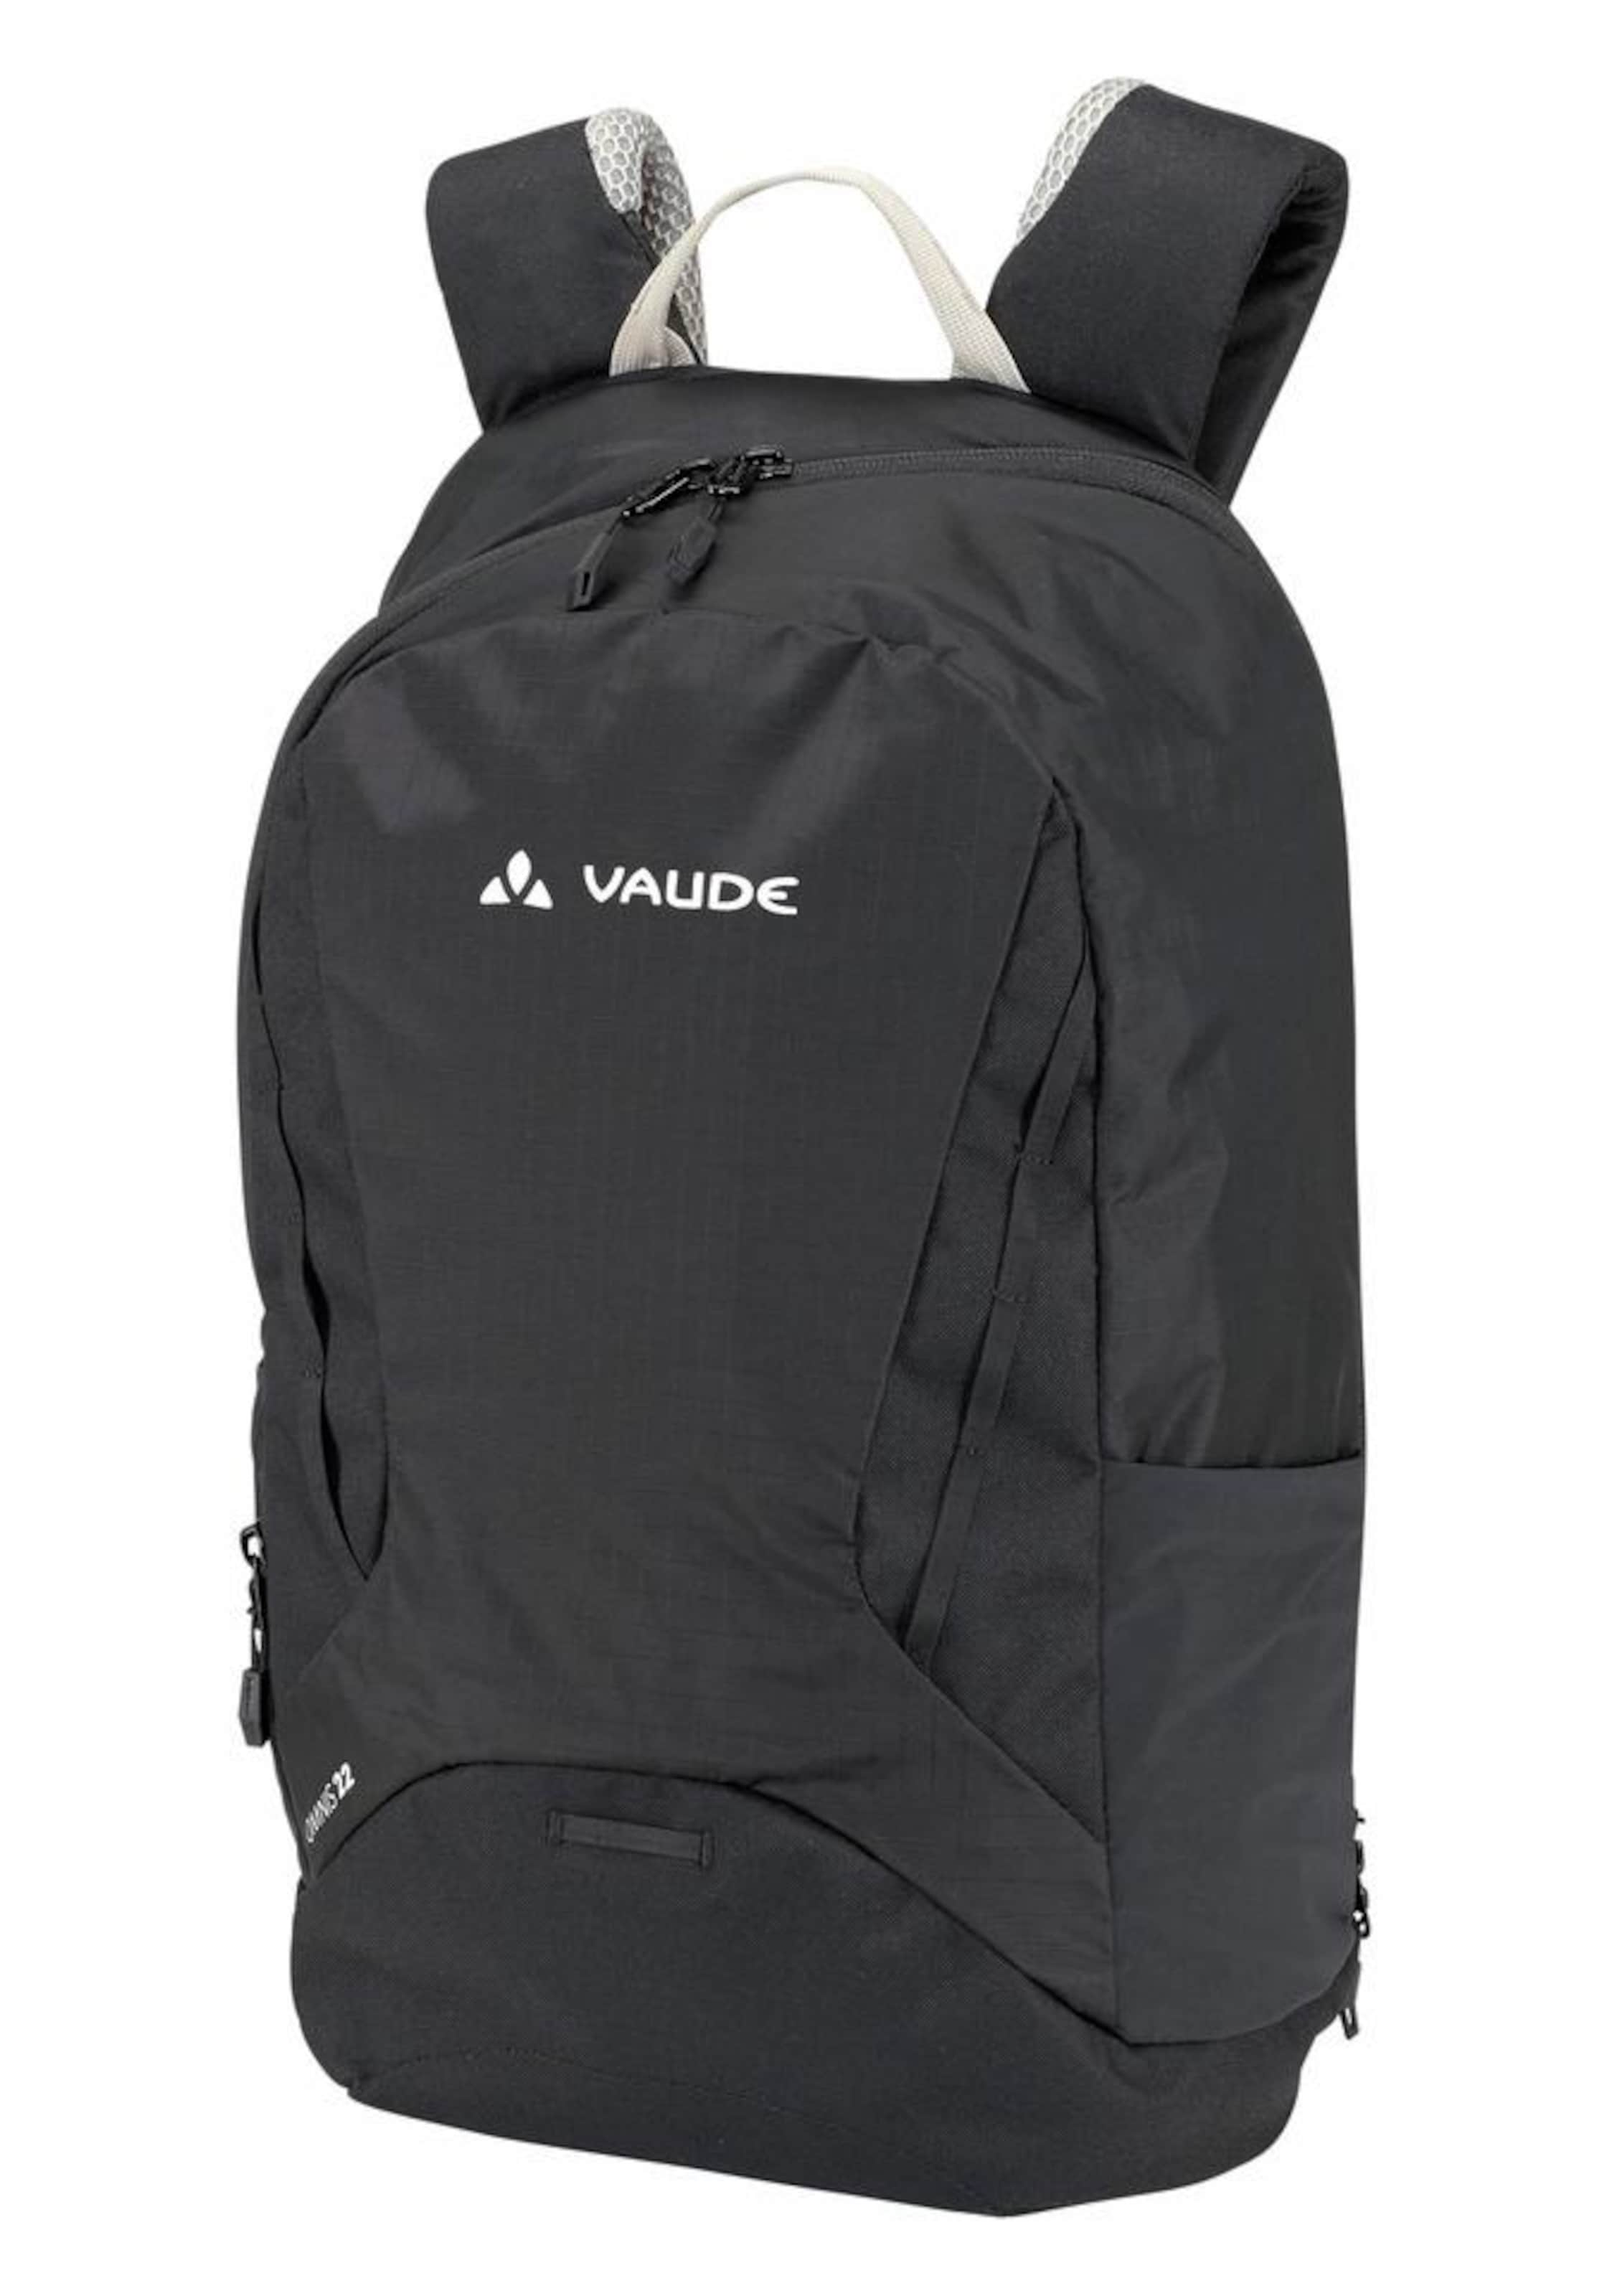 Billig Authentisch VAUDE Rucksack Aussicht Unter Online-Verkauf gf6Hq46O